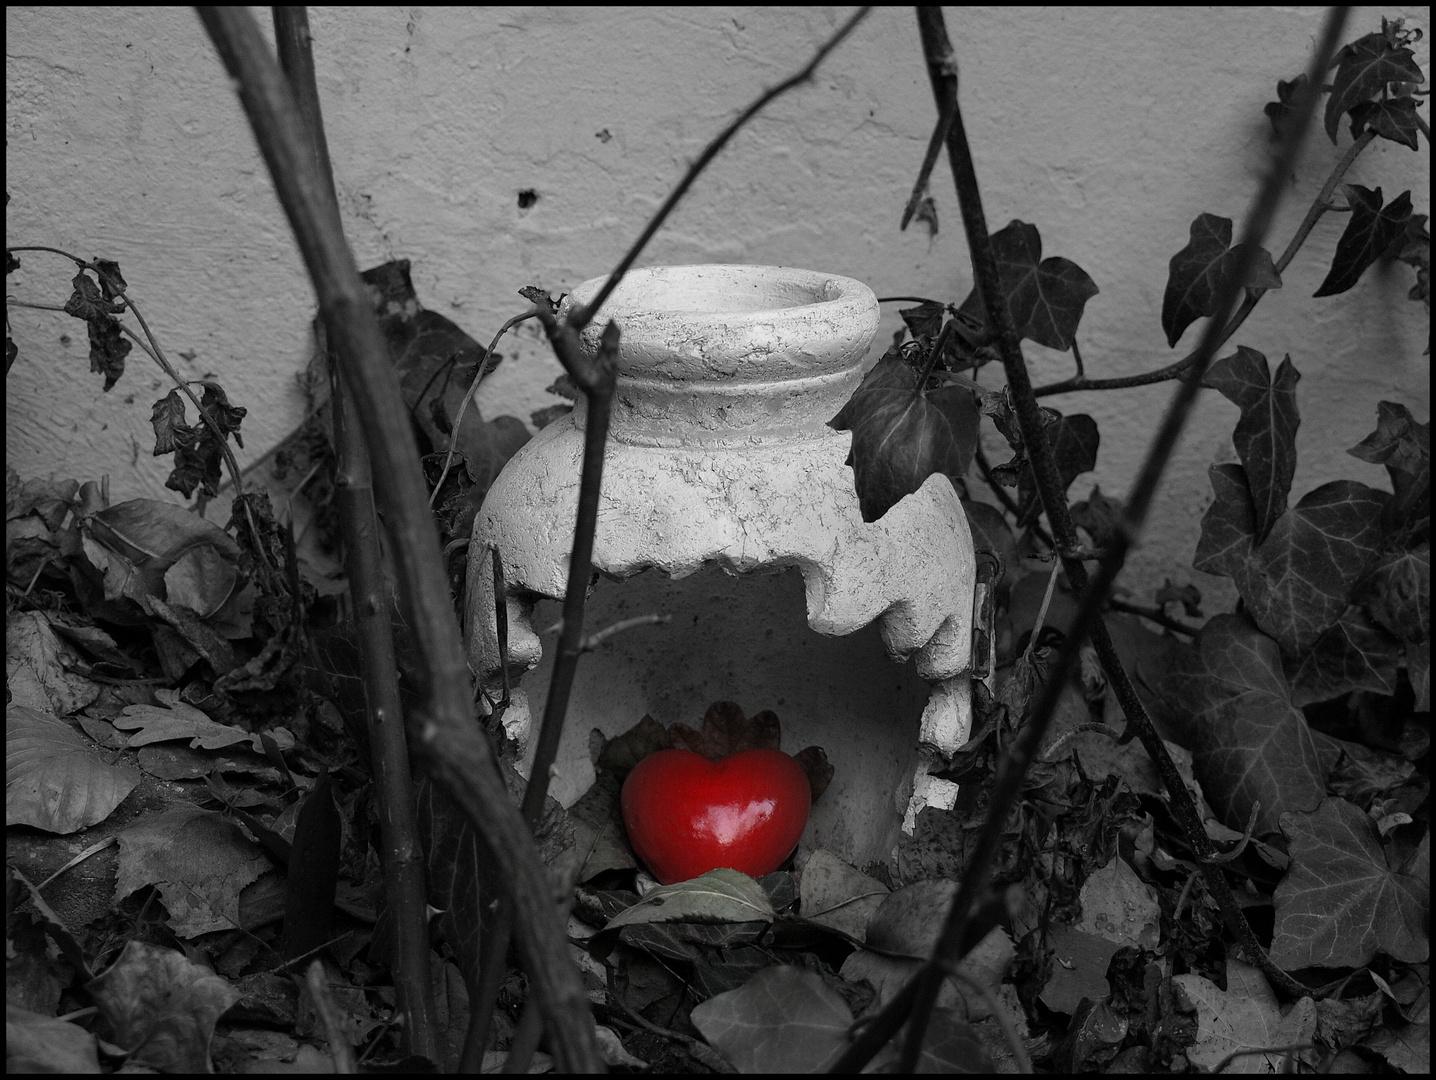 Liebe und Tod stehen sich sehr nahe.